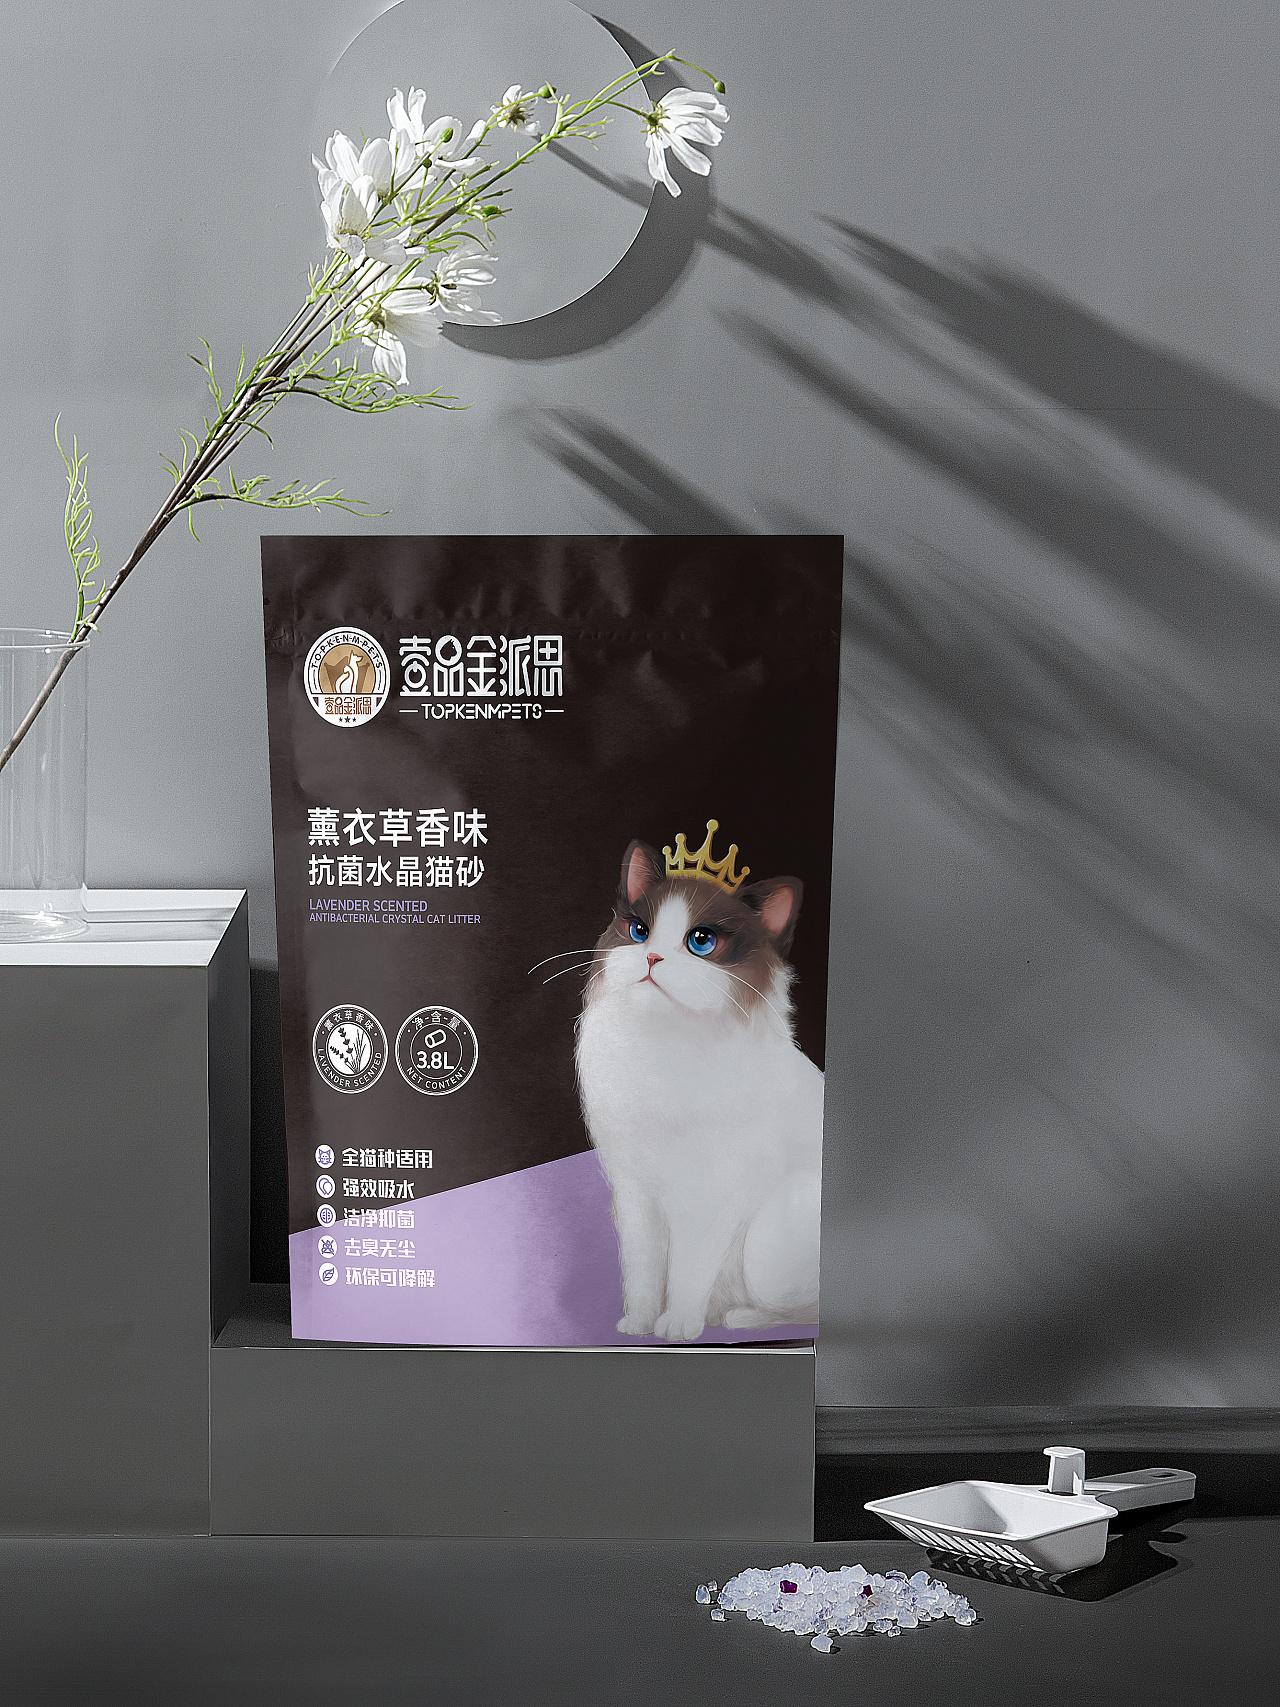 水晶猫砂_水晶猫砂|摄影|产品|壹本视觉商业摄影 - 原创作品 - 站酷 (ZCOOL)